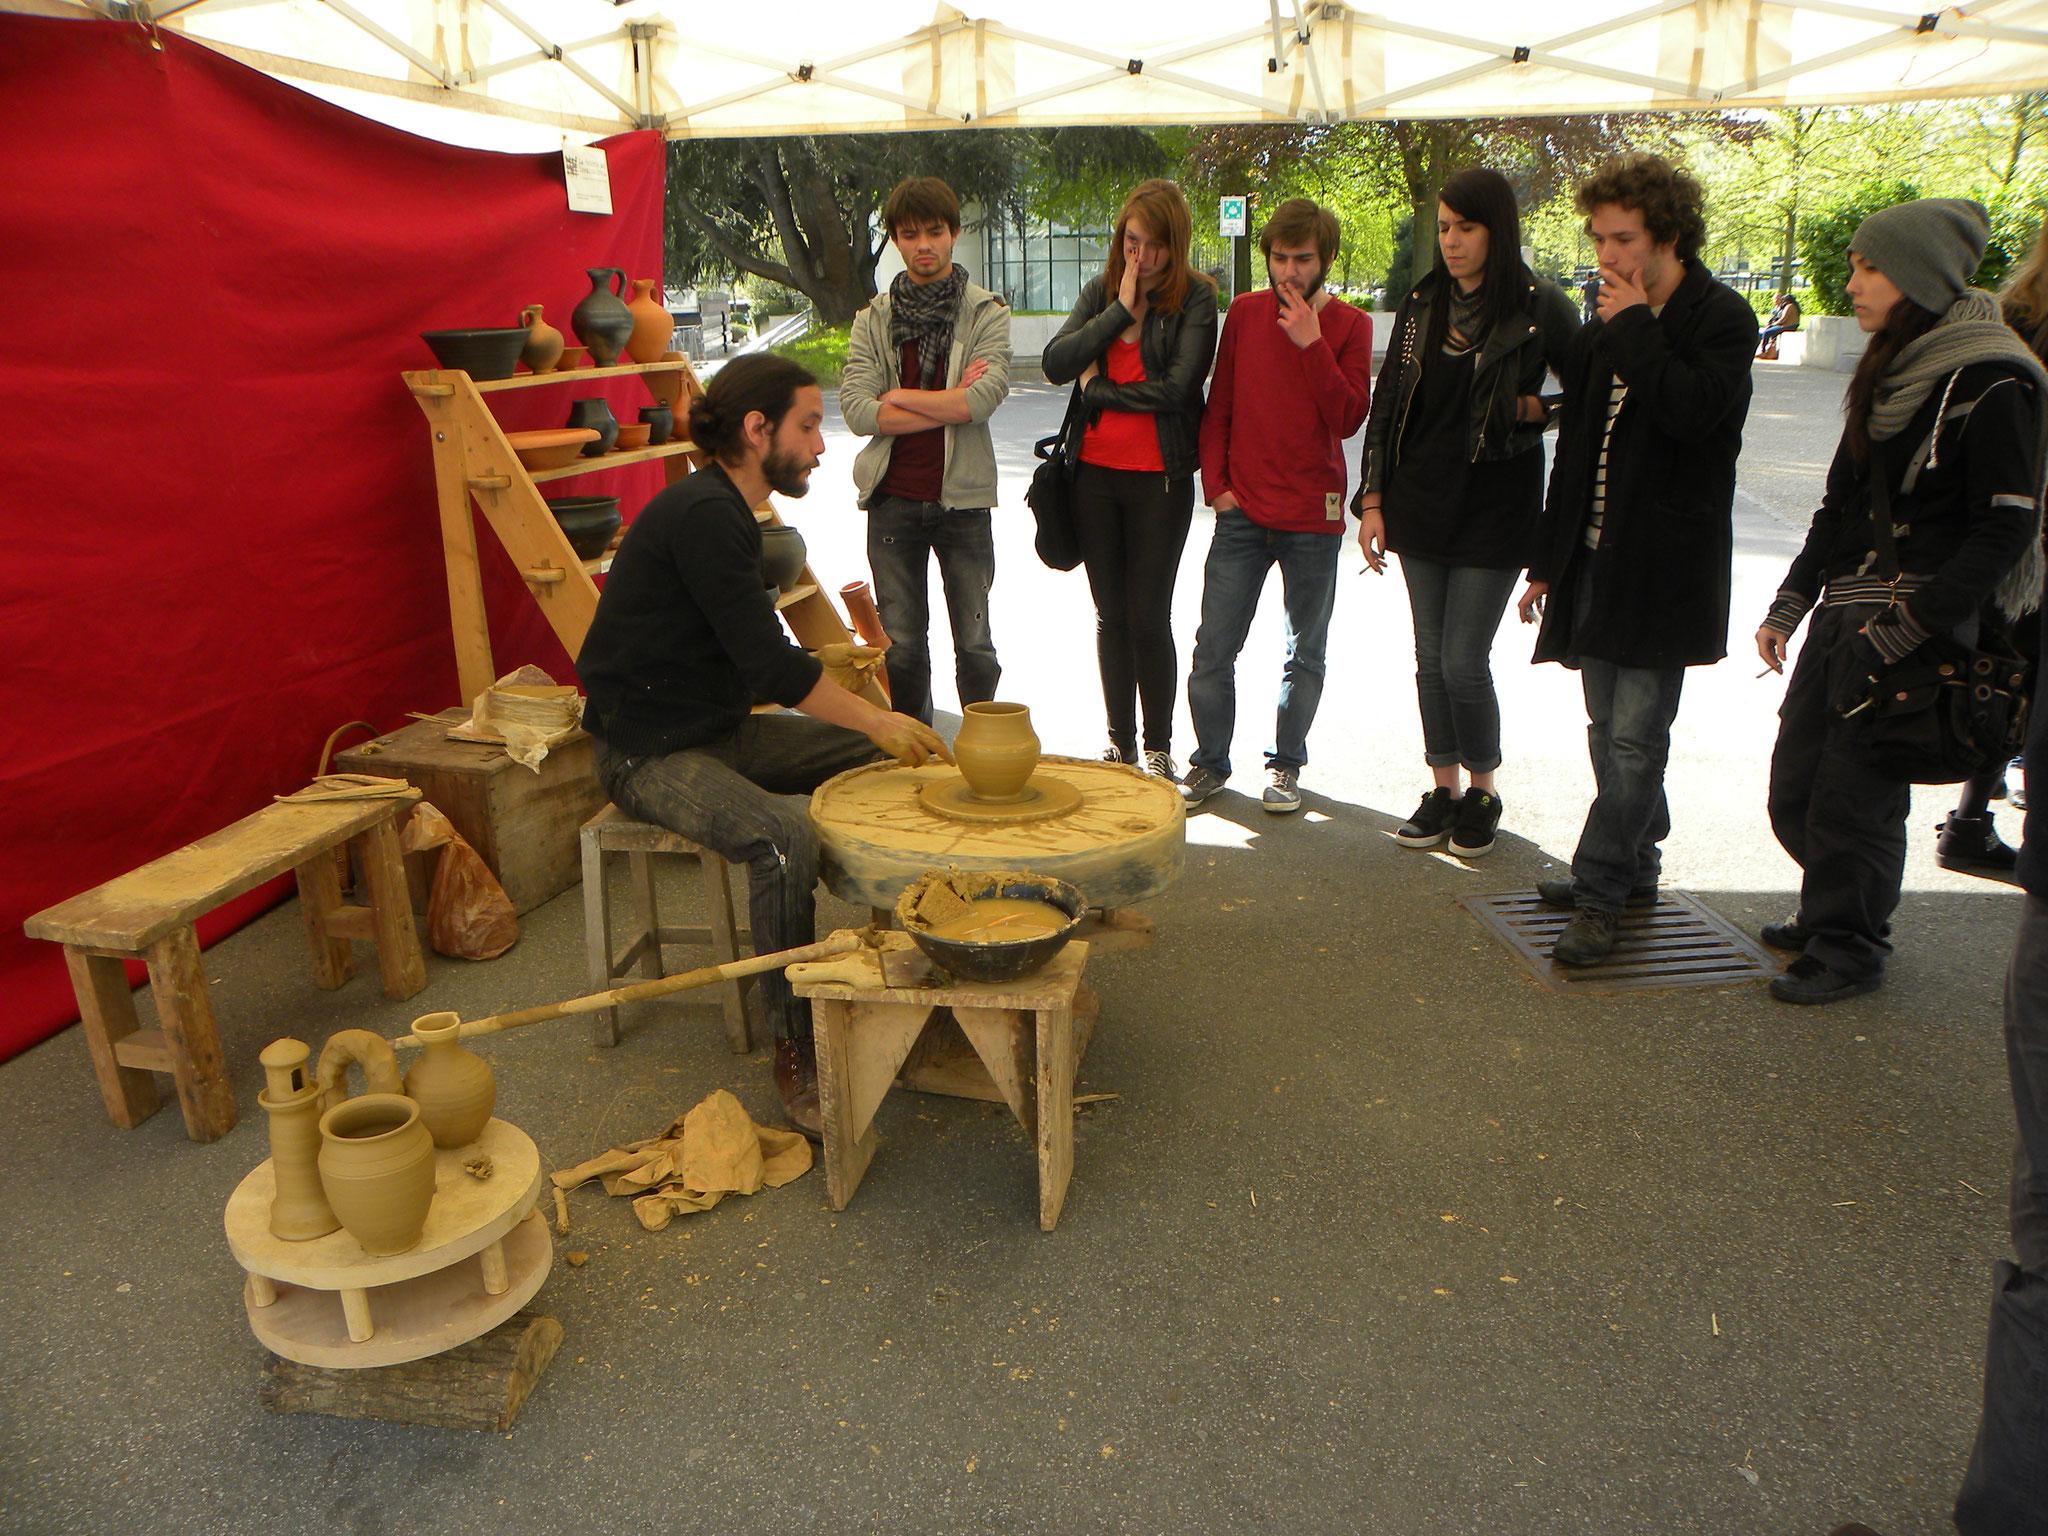 Journée de la céramique, Université Rennes 2, 19 avril 2014